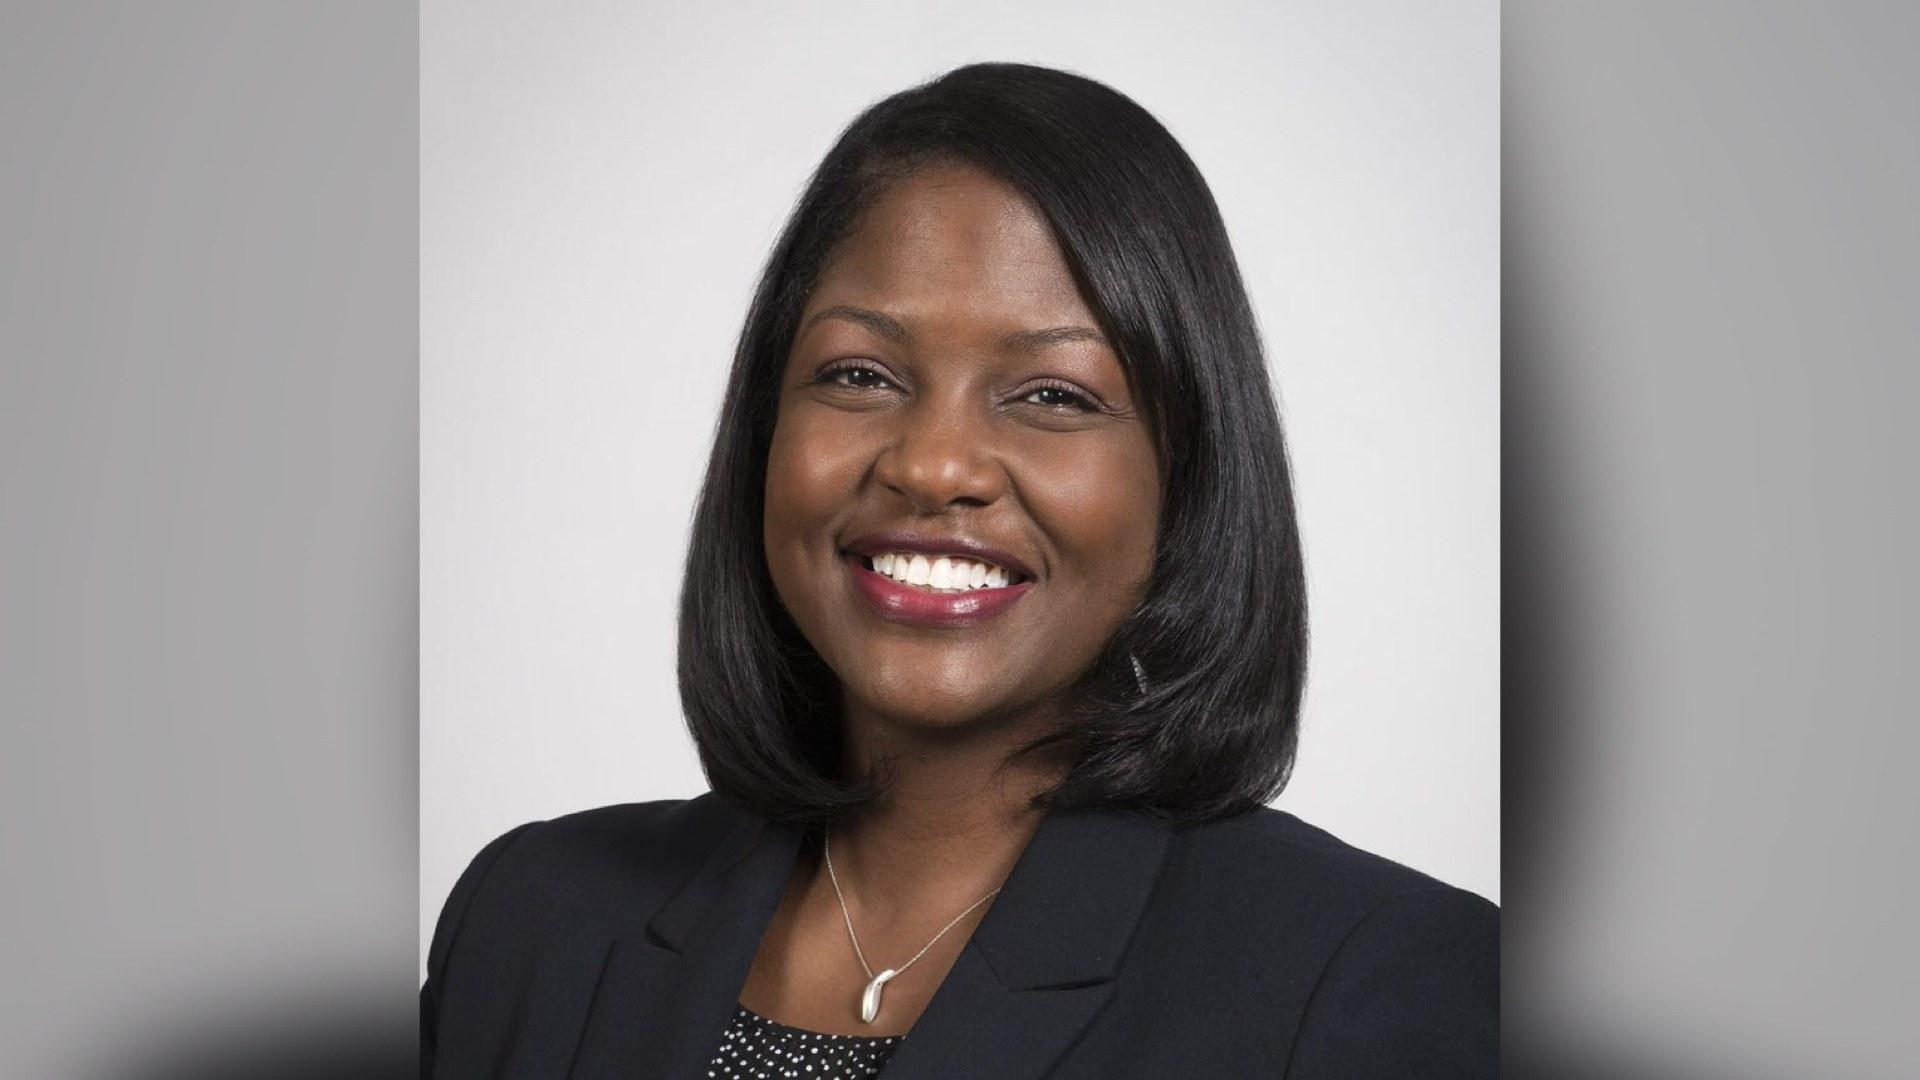 Fabiana Pierre-Louis, née de parents haïtiens, nommée à la Cour suprême de New Jersey